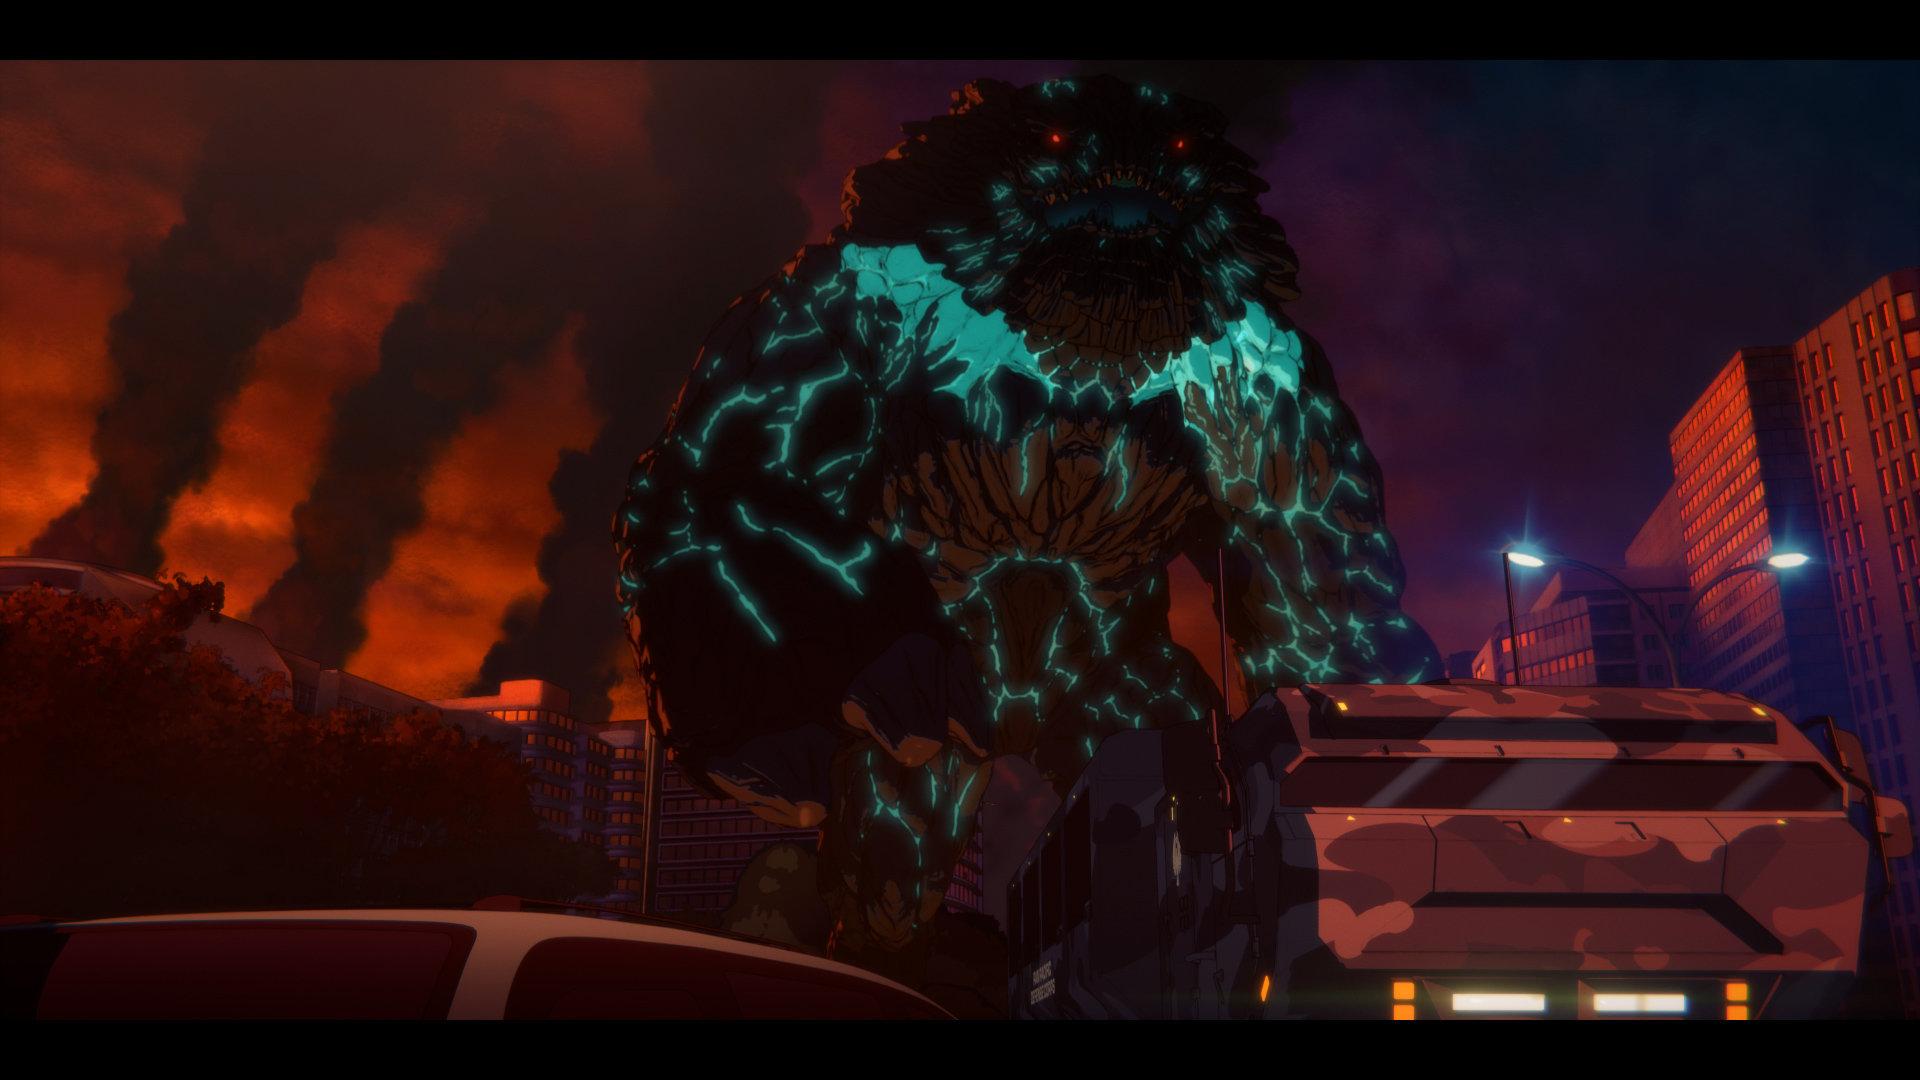 Netflix动画《环太平洋:暗黑大陆》先行图公开,2021年配信。 - ACG17.COM